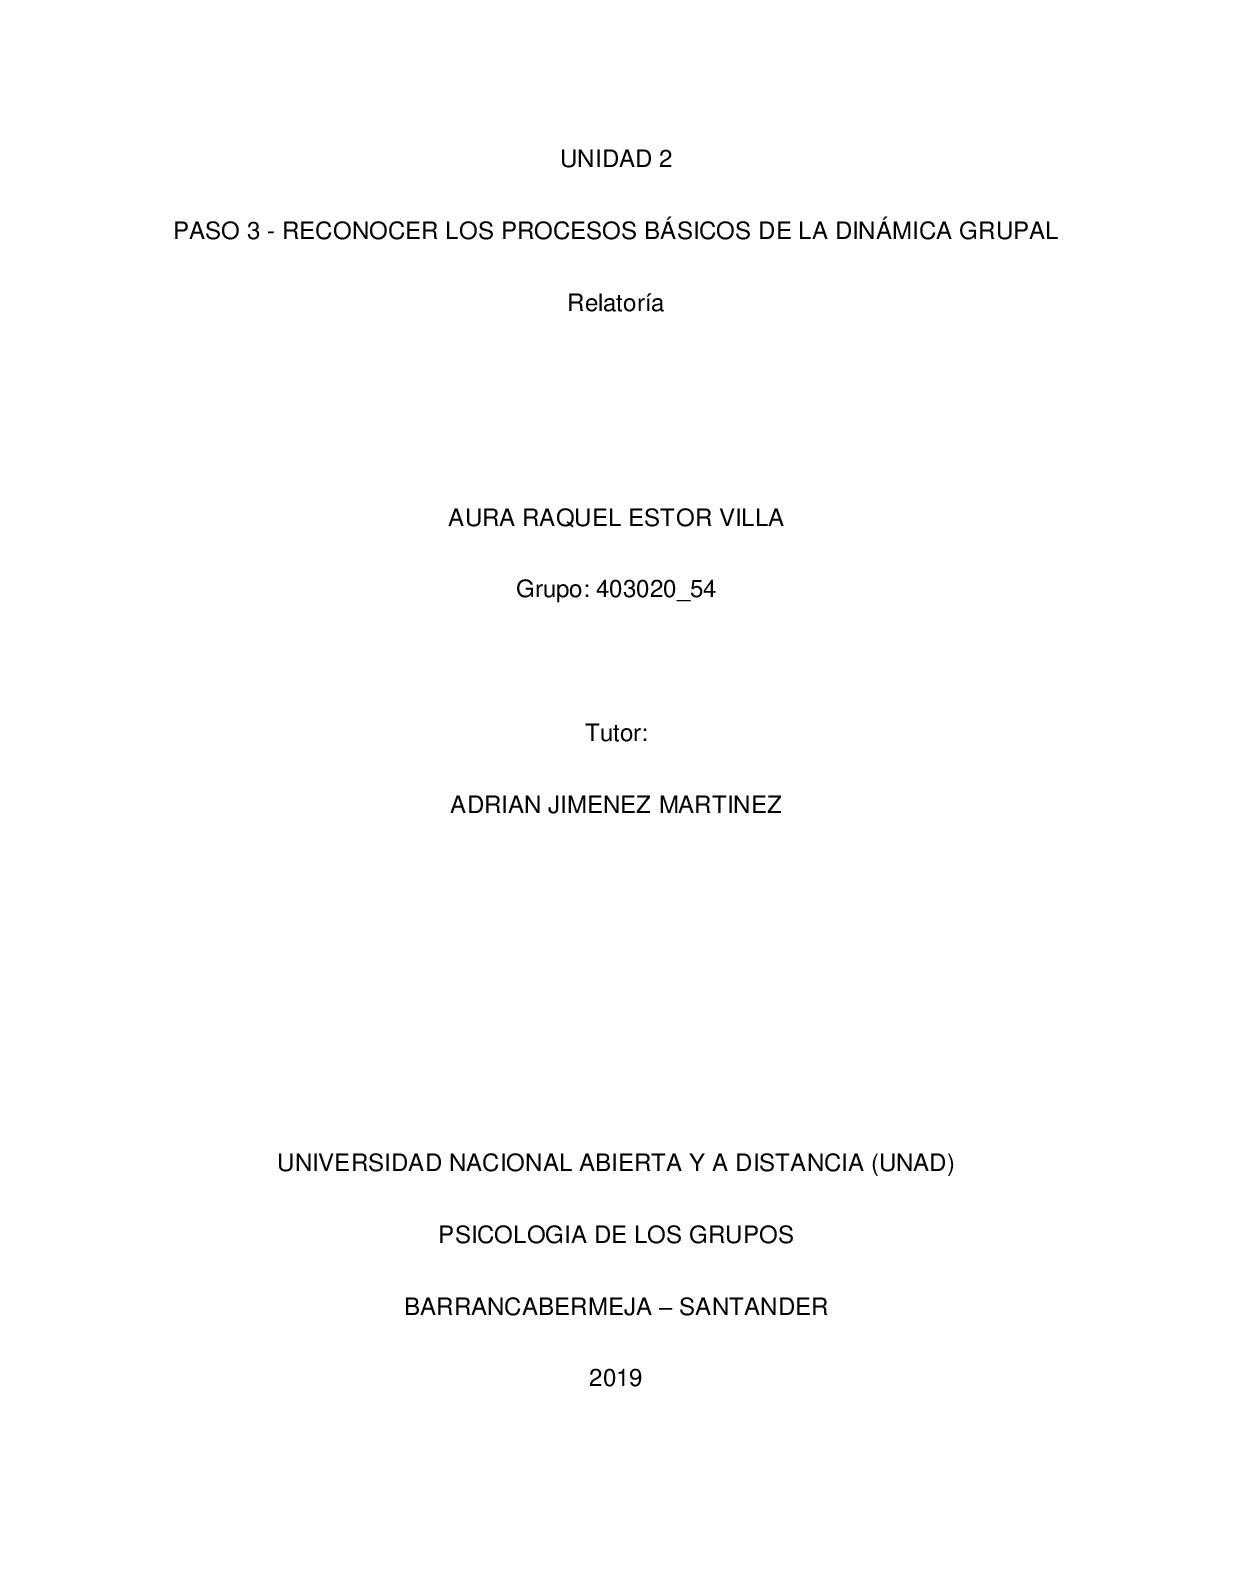 Relatoria Procesos De Grupo Aura Estor